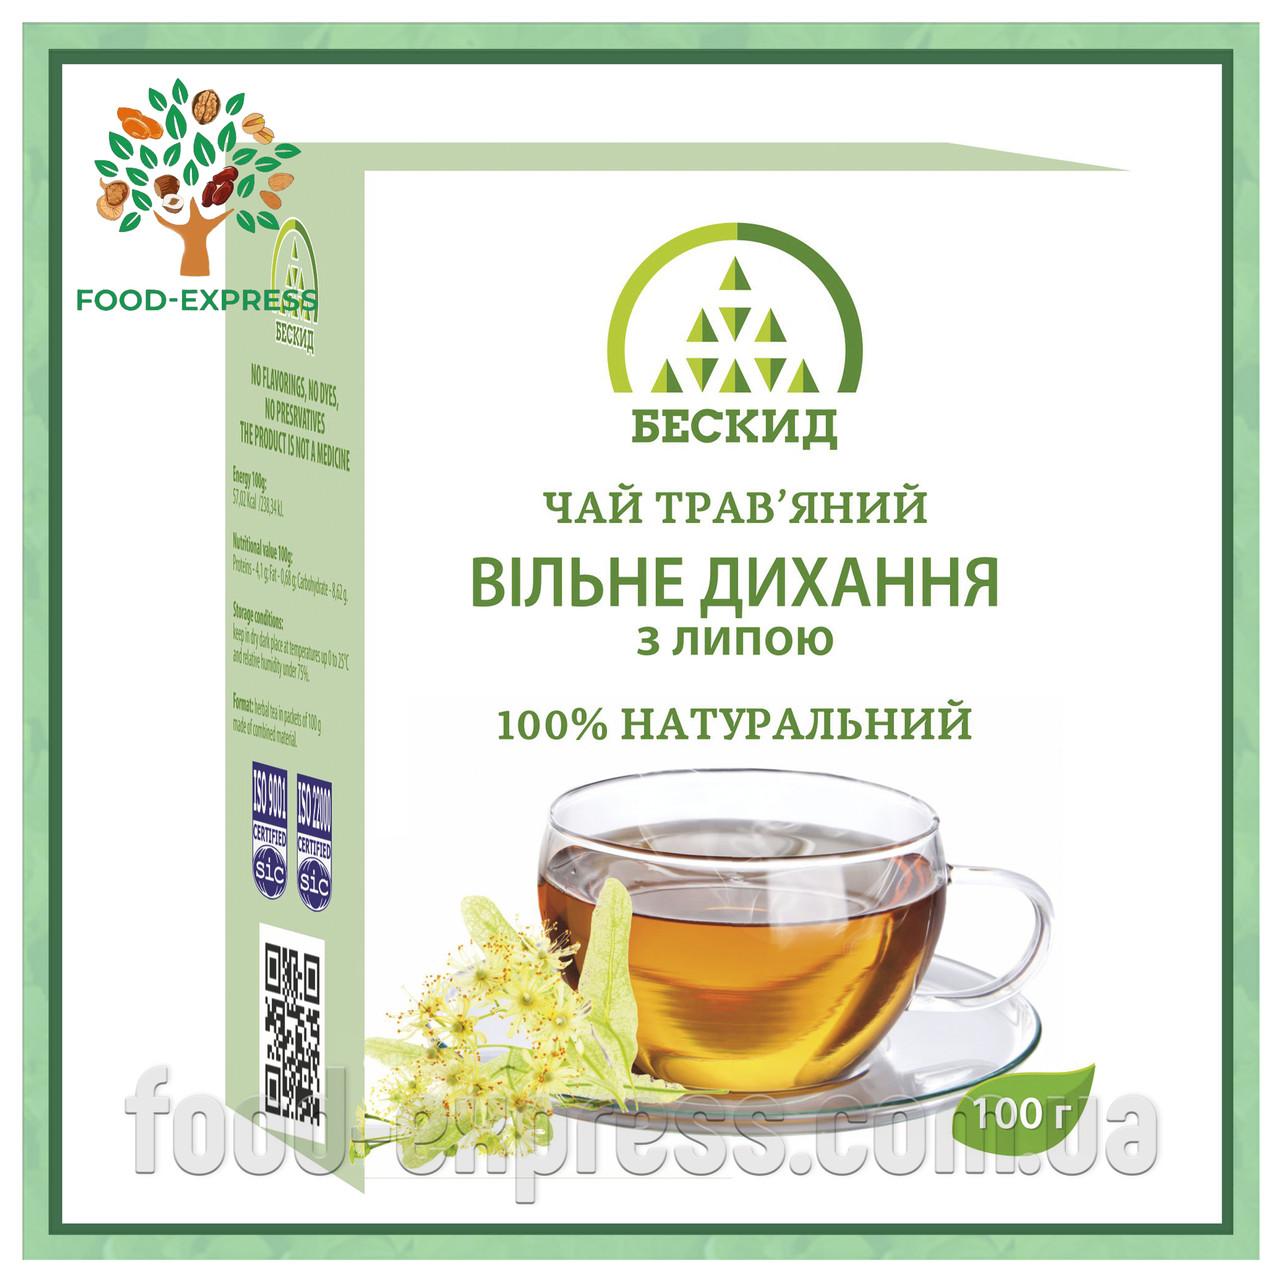 Чай трав'яний «Вільне дихання» з липою 100г